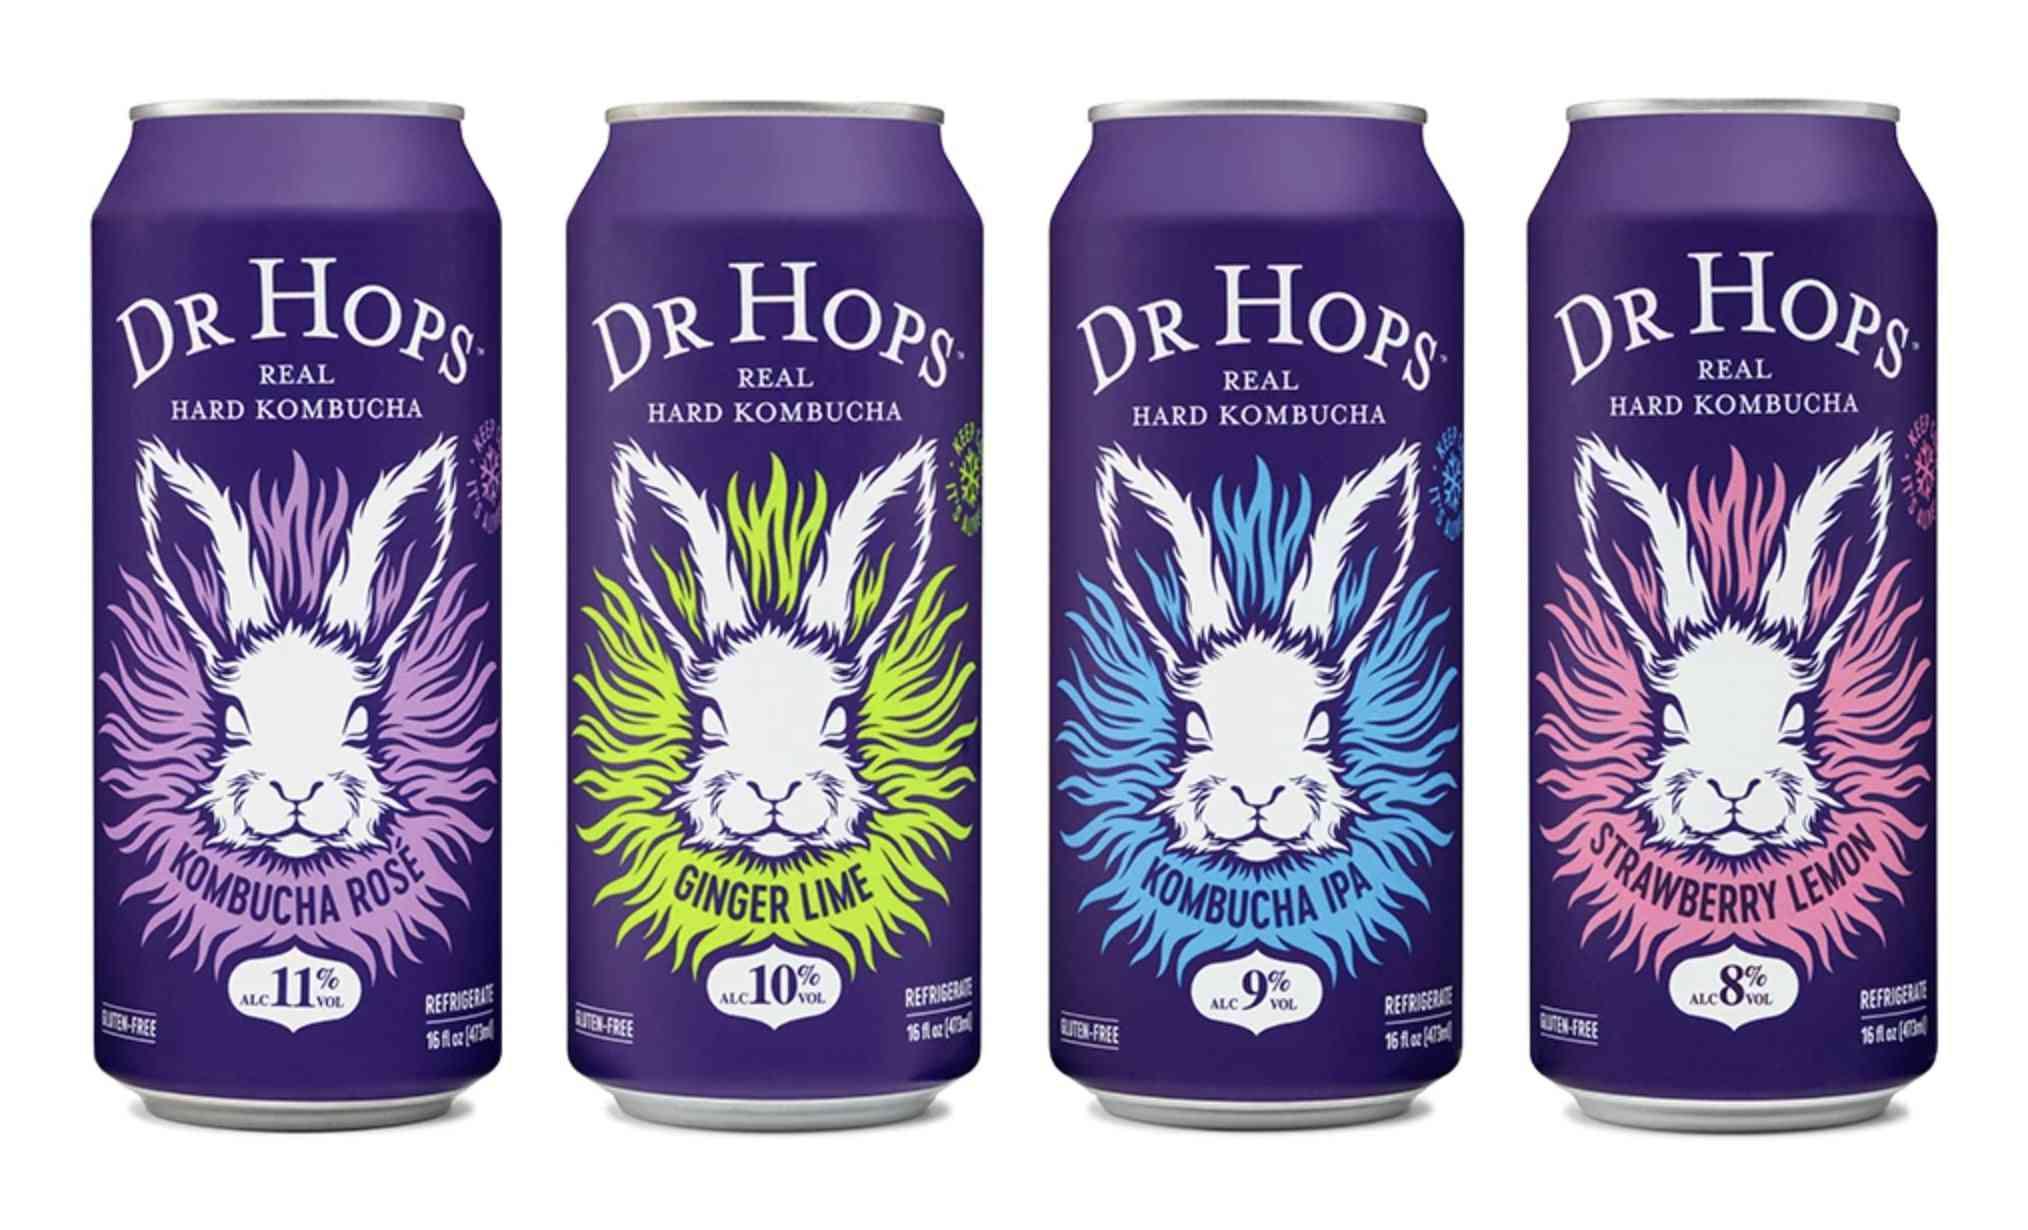 Dr Hops